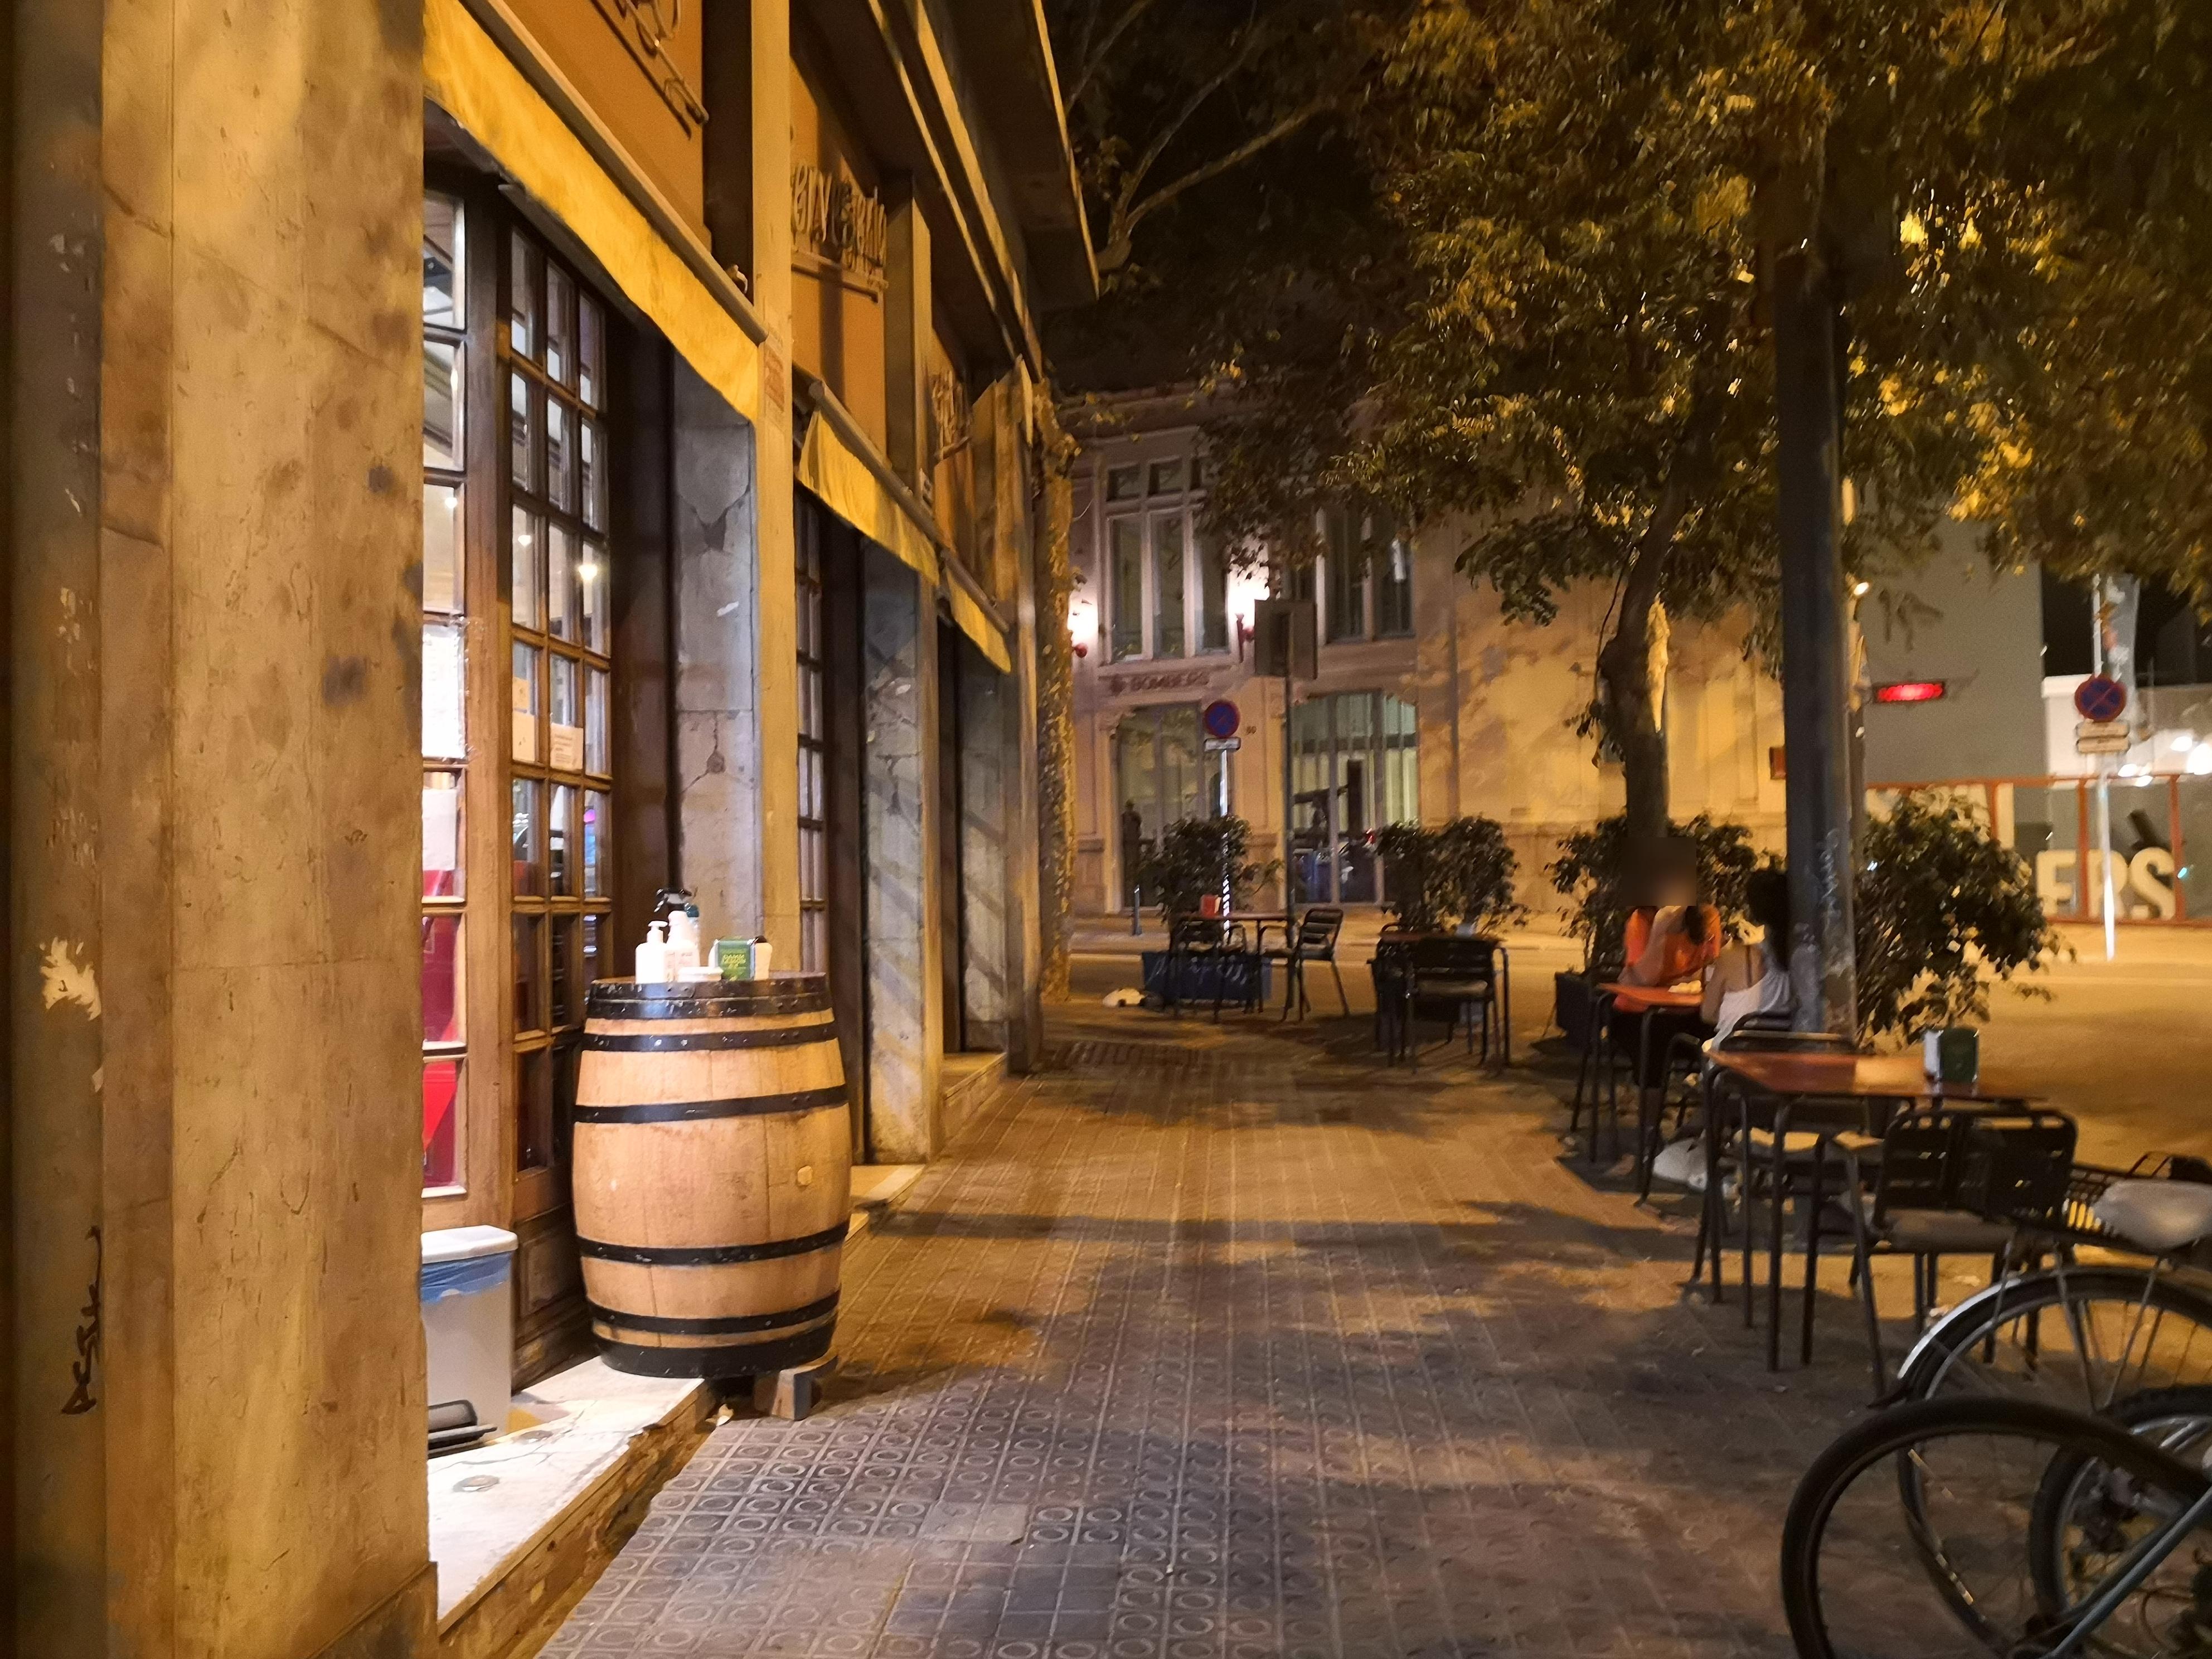 Lleida, 9 - tot allò col·locat en façana és un perill per les persones cegues!!